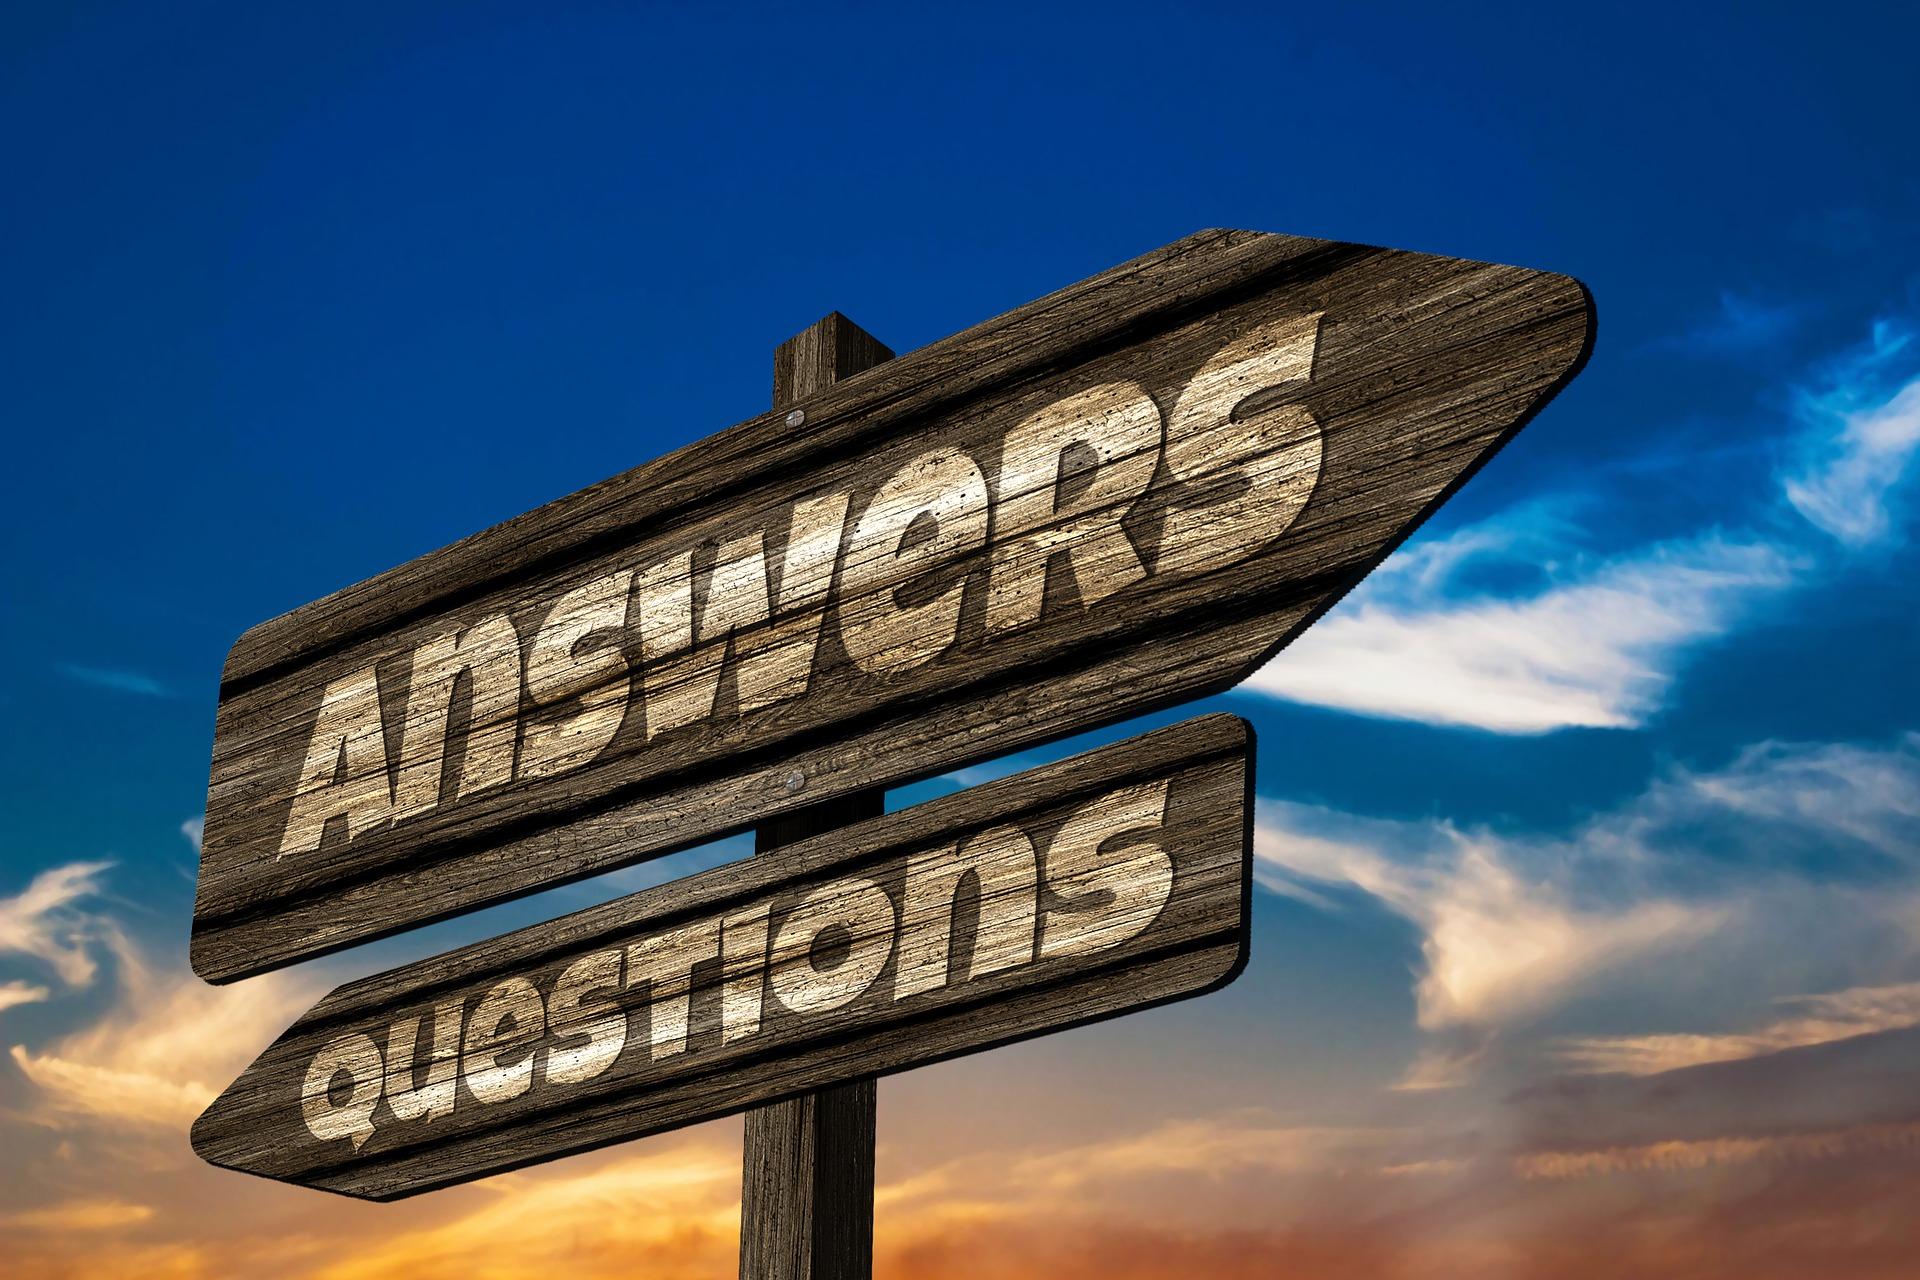 Kuvassa on tienviitta, jossa lukee vasemmalle Questions (kysymykset) ja oikealle Answers (vastaukset). Kuva visualisoi toisaalta yrittäjän haasteita ja kysymyksiä, toisaalta sitä, että vastauksia on olemassa.